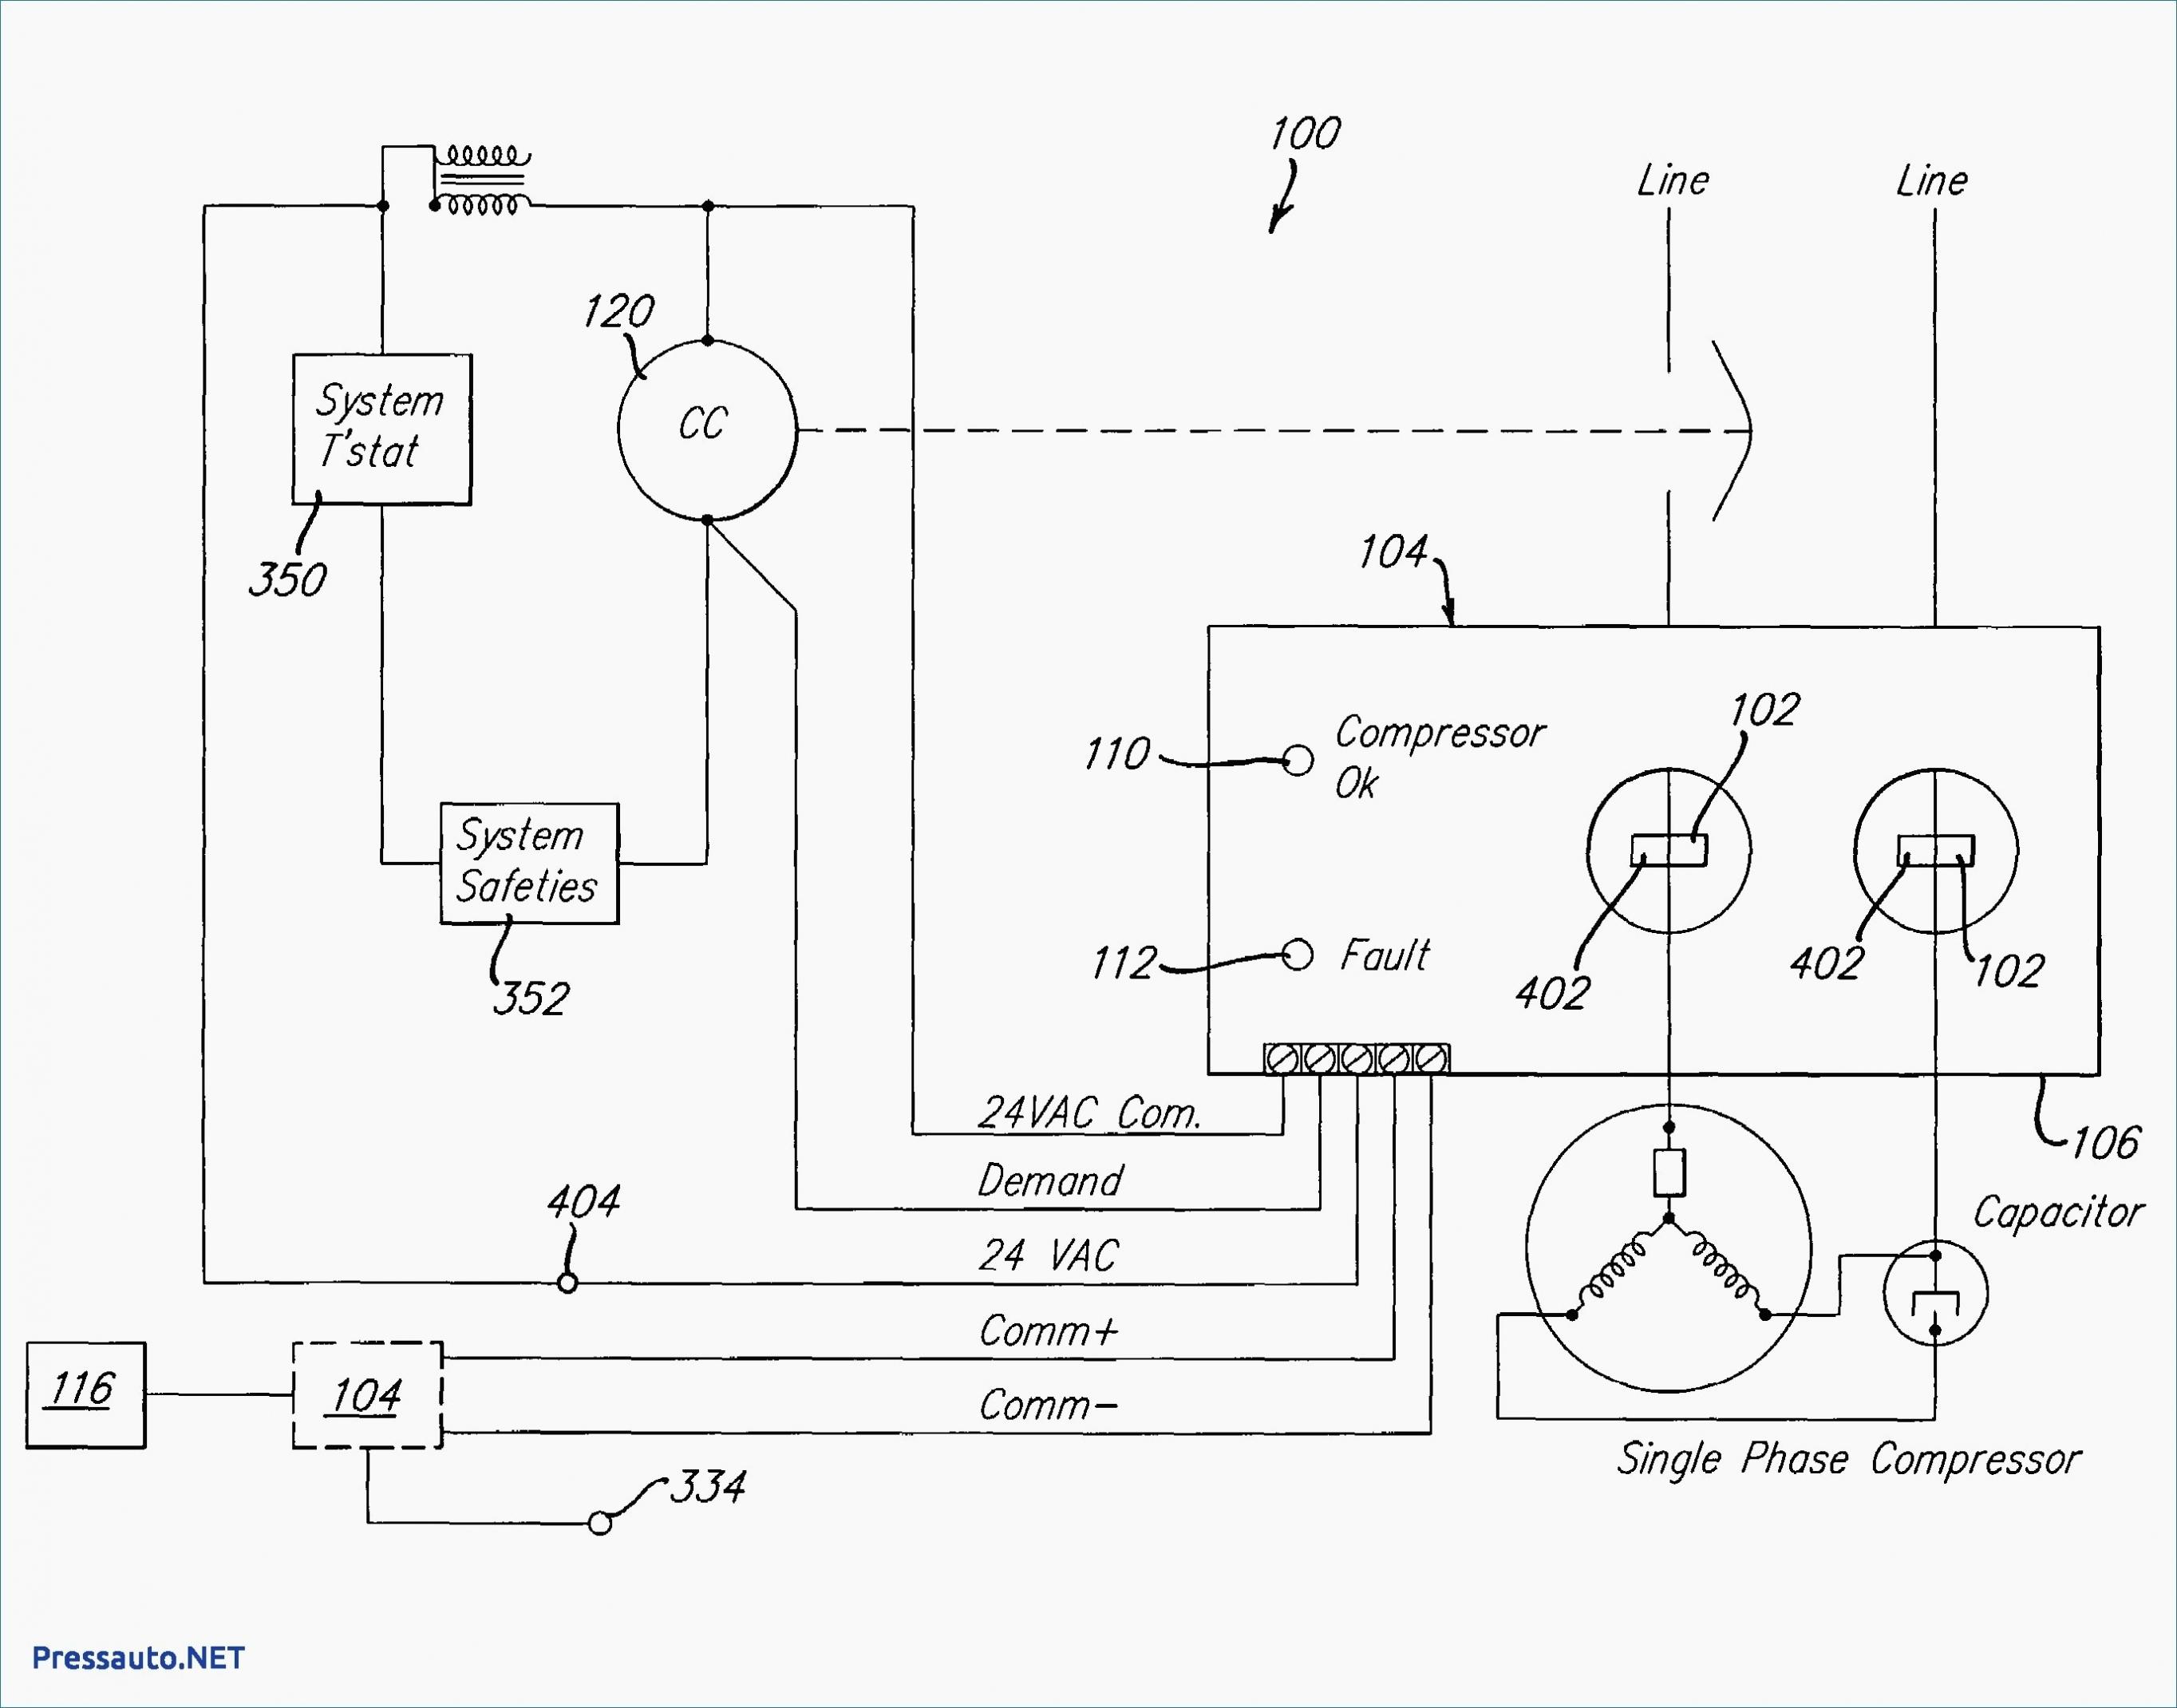 Ac Condenser Wiring Diagram | Schematic Diagram - Ac Condenser Wiring Diagram